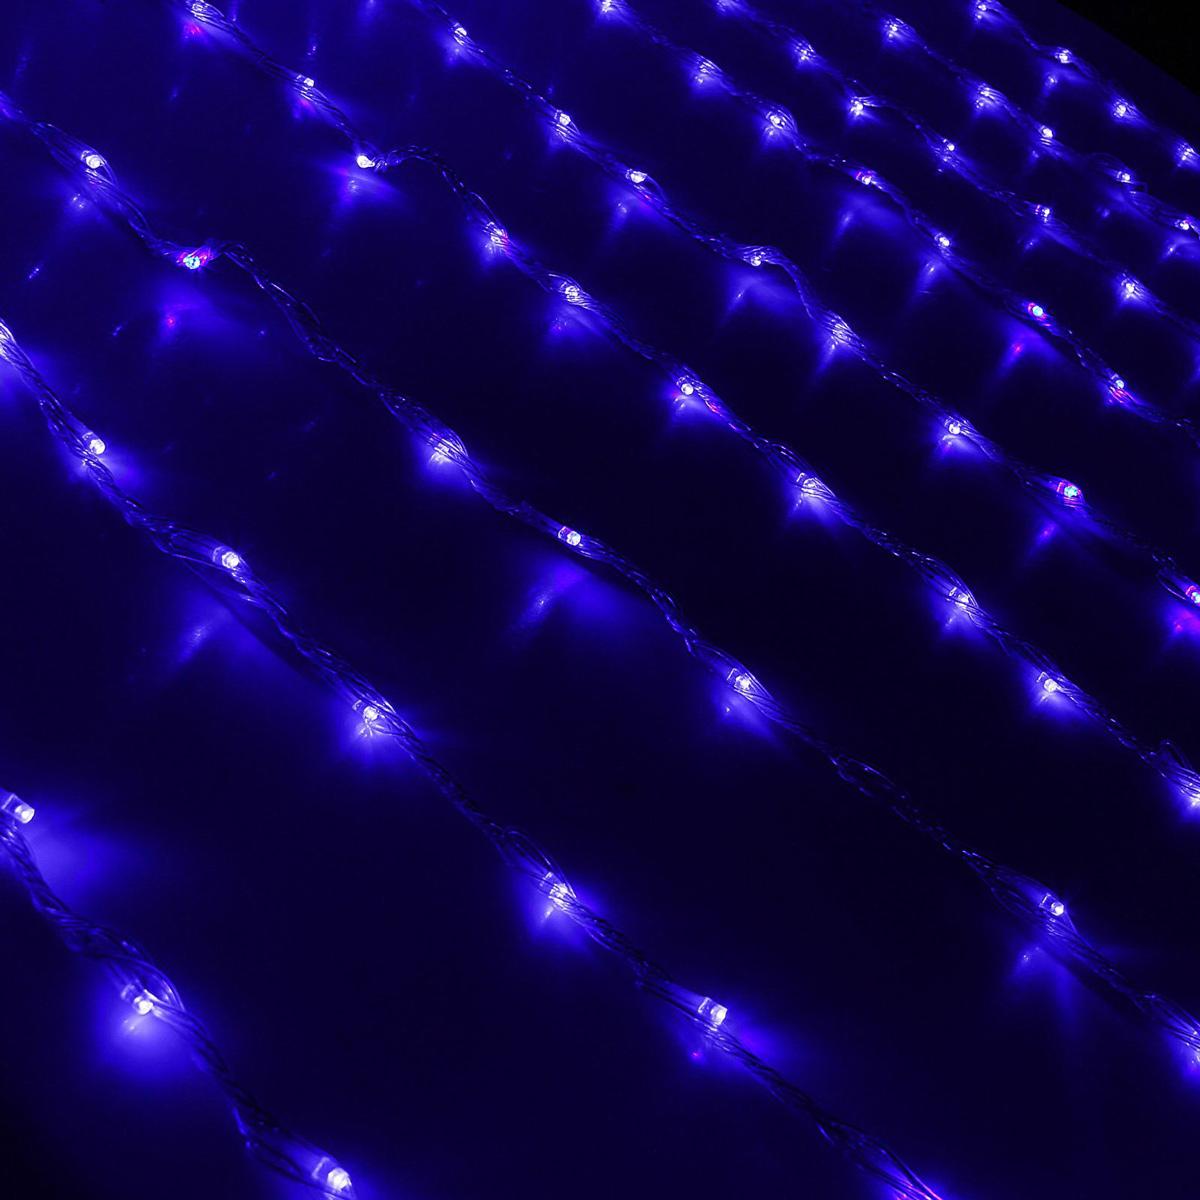 Гирлянда светодиодная Luazon Дождь, уличная, 8 режимов, 2000 ламп, 220 V, цвет: синий, 2 х 9 м. 10801911080191Светодиодные гирлянды, ленты и т.д — это отличный вариант для новогоднего оформления интерьера или фасада. С их помощью помещение любого размера можно превратить в праздничный зал, а внешние элементы зданий, украшенные ими, мгновенно станут напоминать очертания сказочного дворца. Такие украшения создают ауру предвкушения чуда. Деревья, фасады, витрины, окна и арки будто специально созданы, чтобы вы украсили их светящимися нитями.